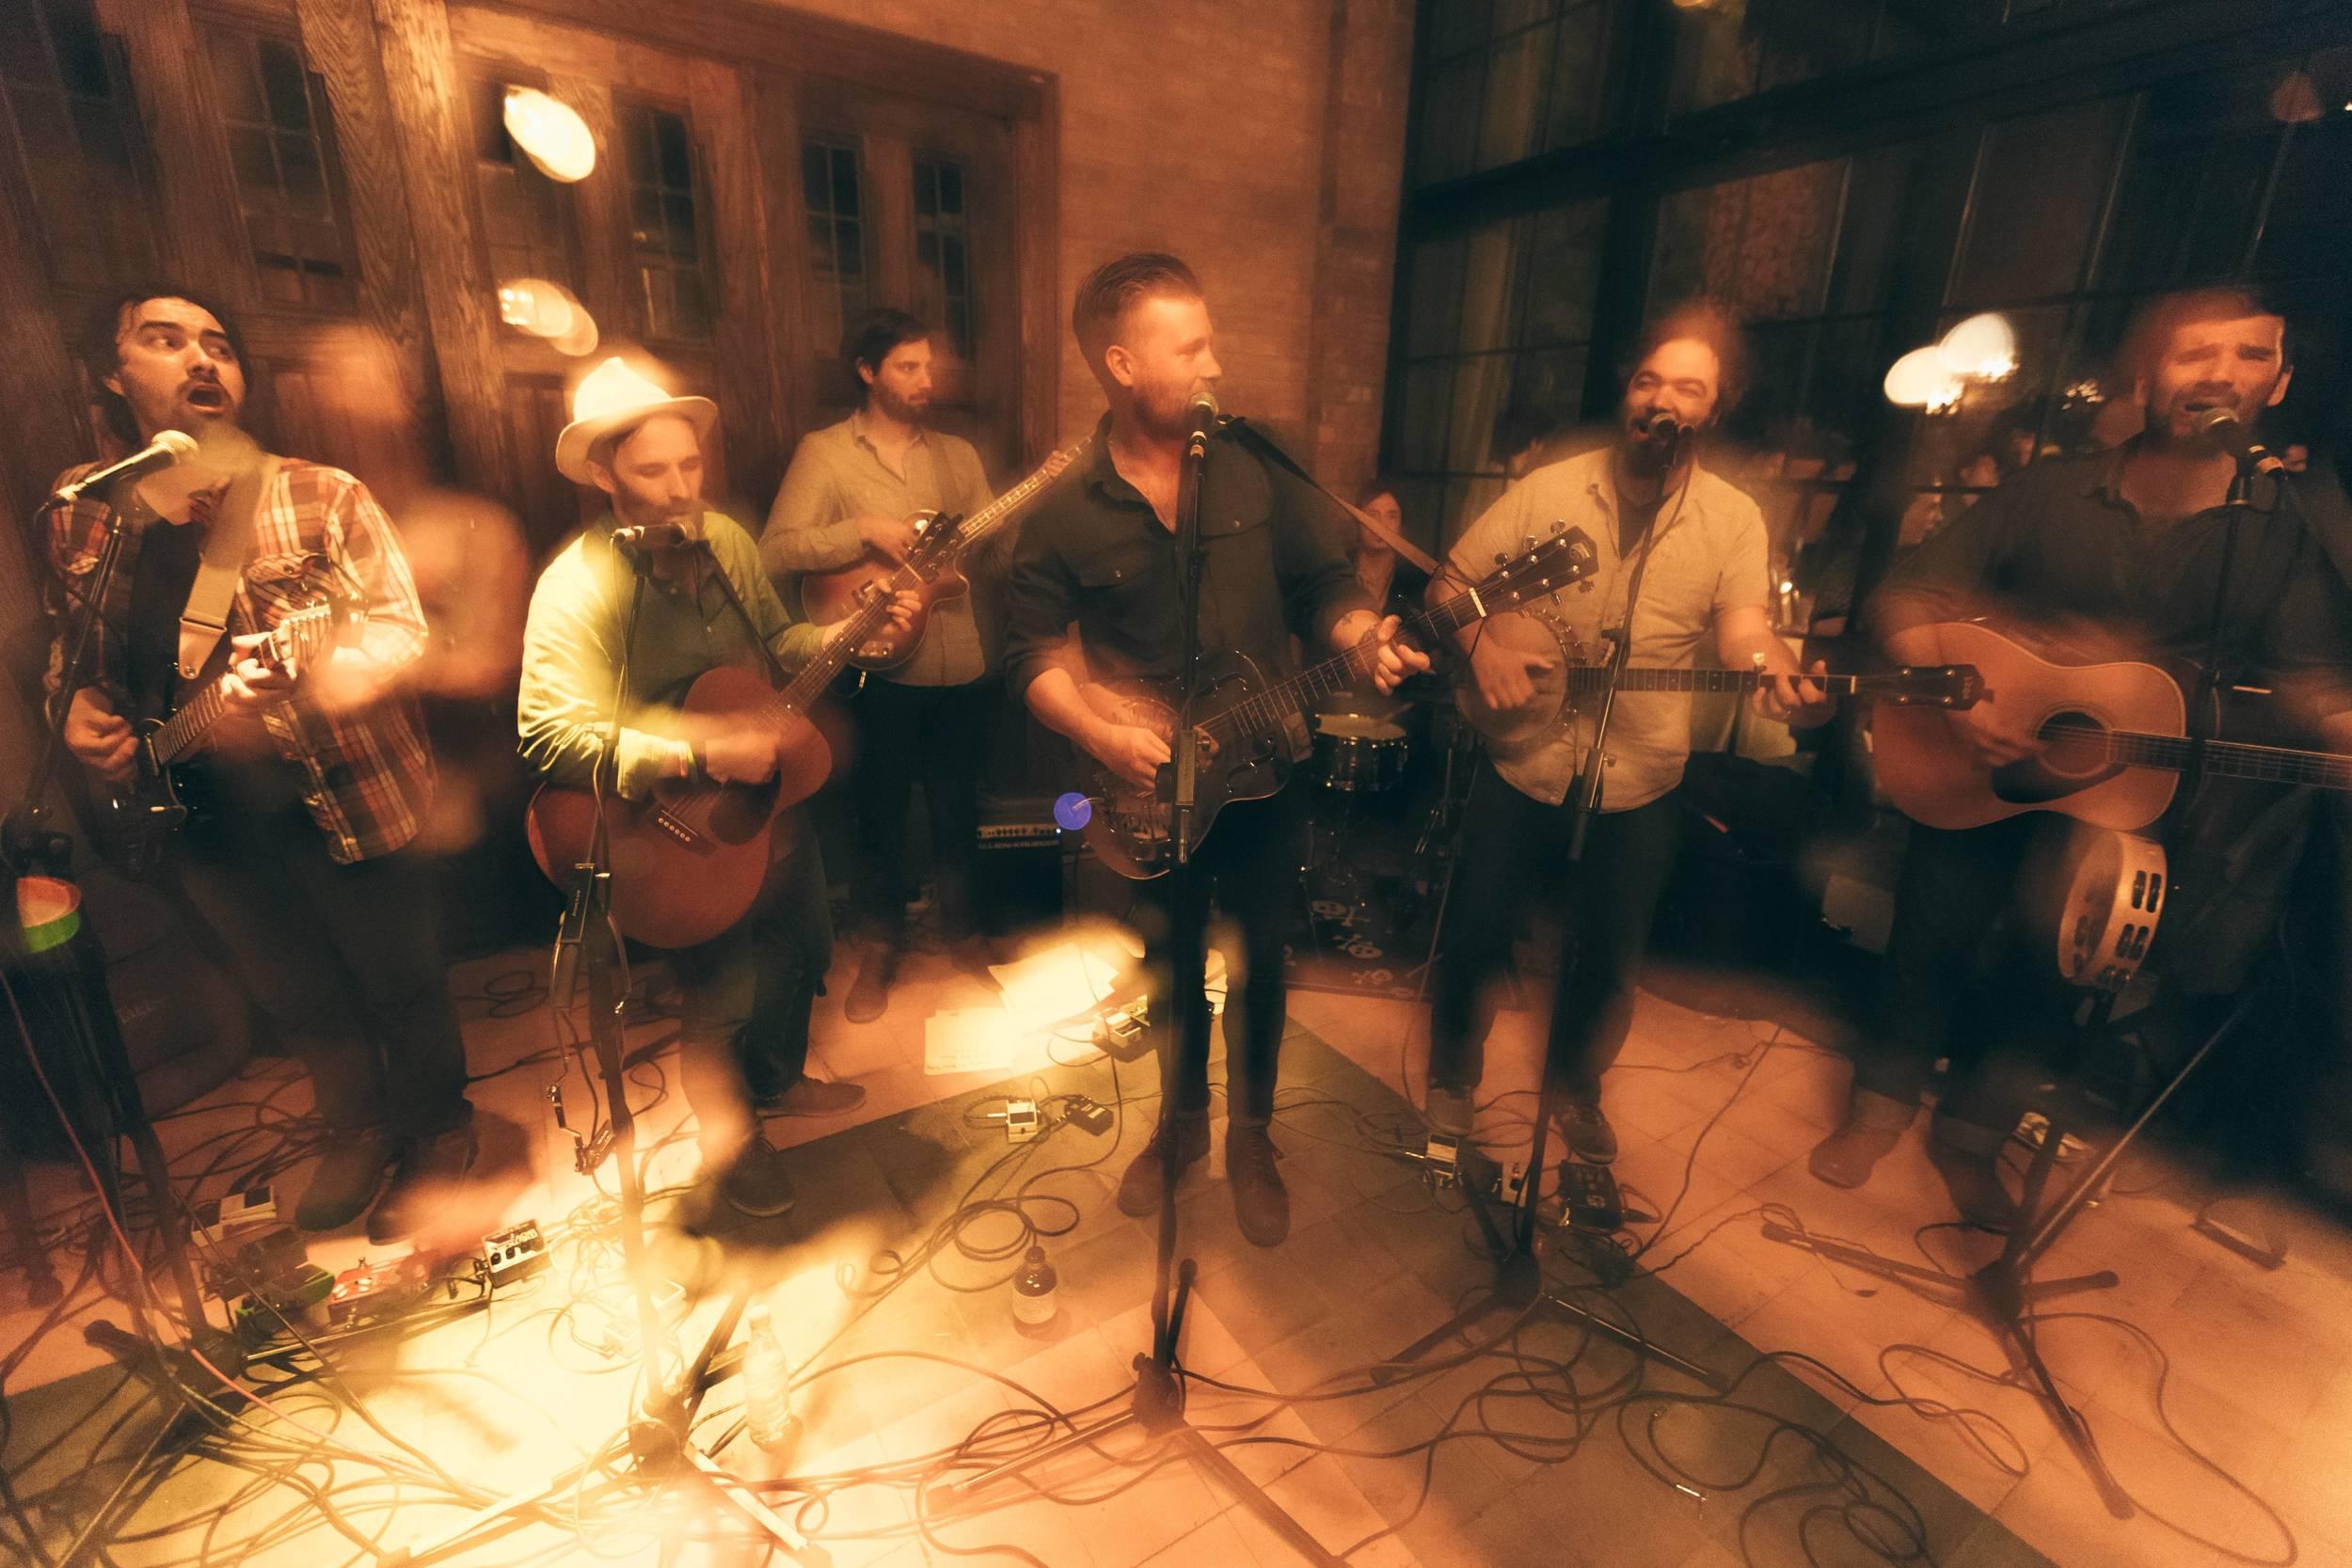 The Whiskey Treaty Roadshow performs at The Bowery Hotel, NYC. Photo: Leo Mascaro